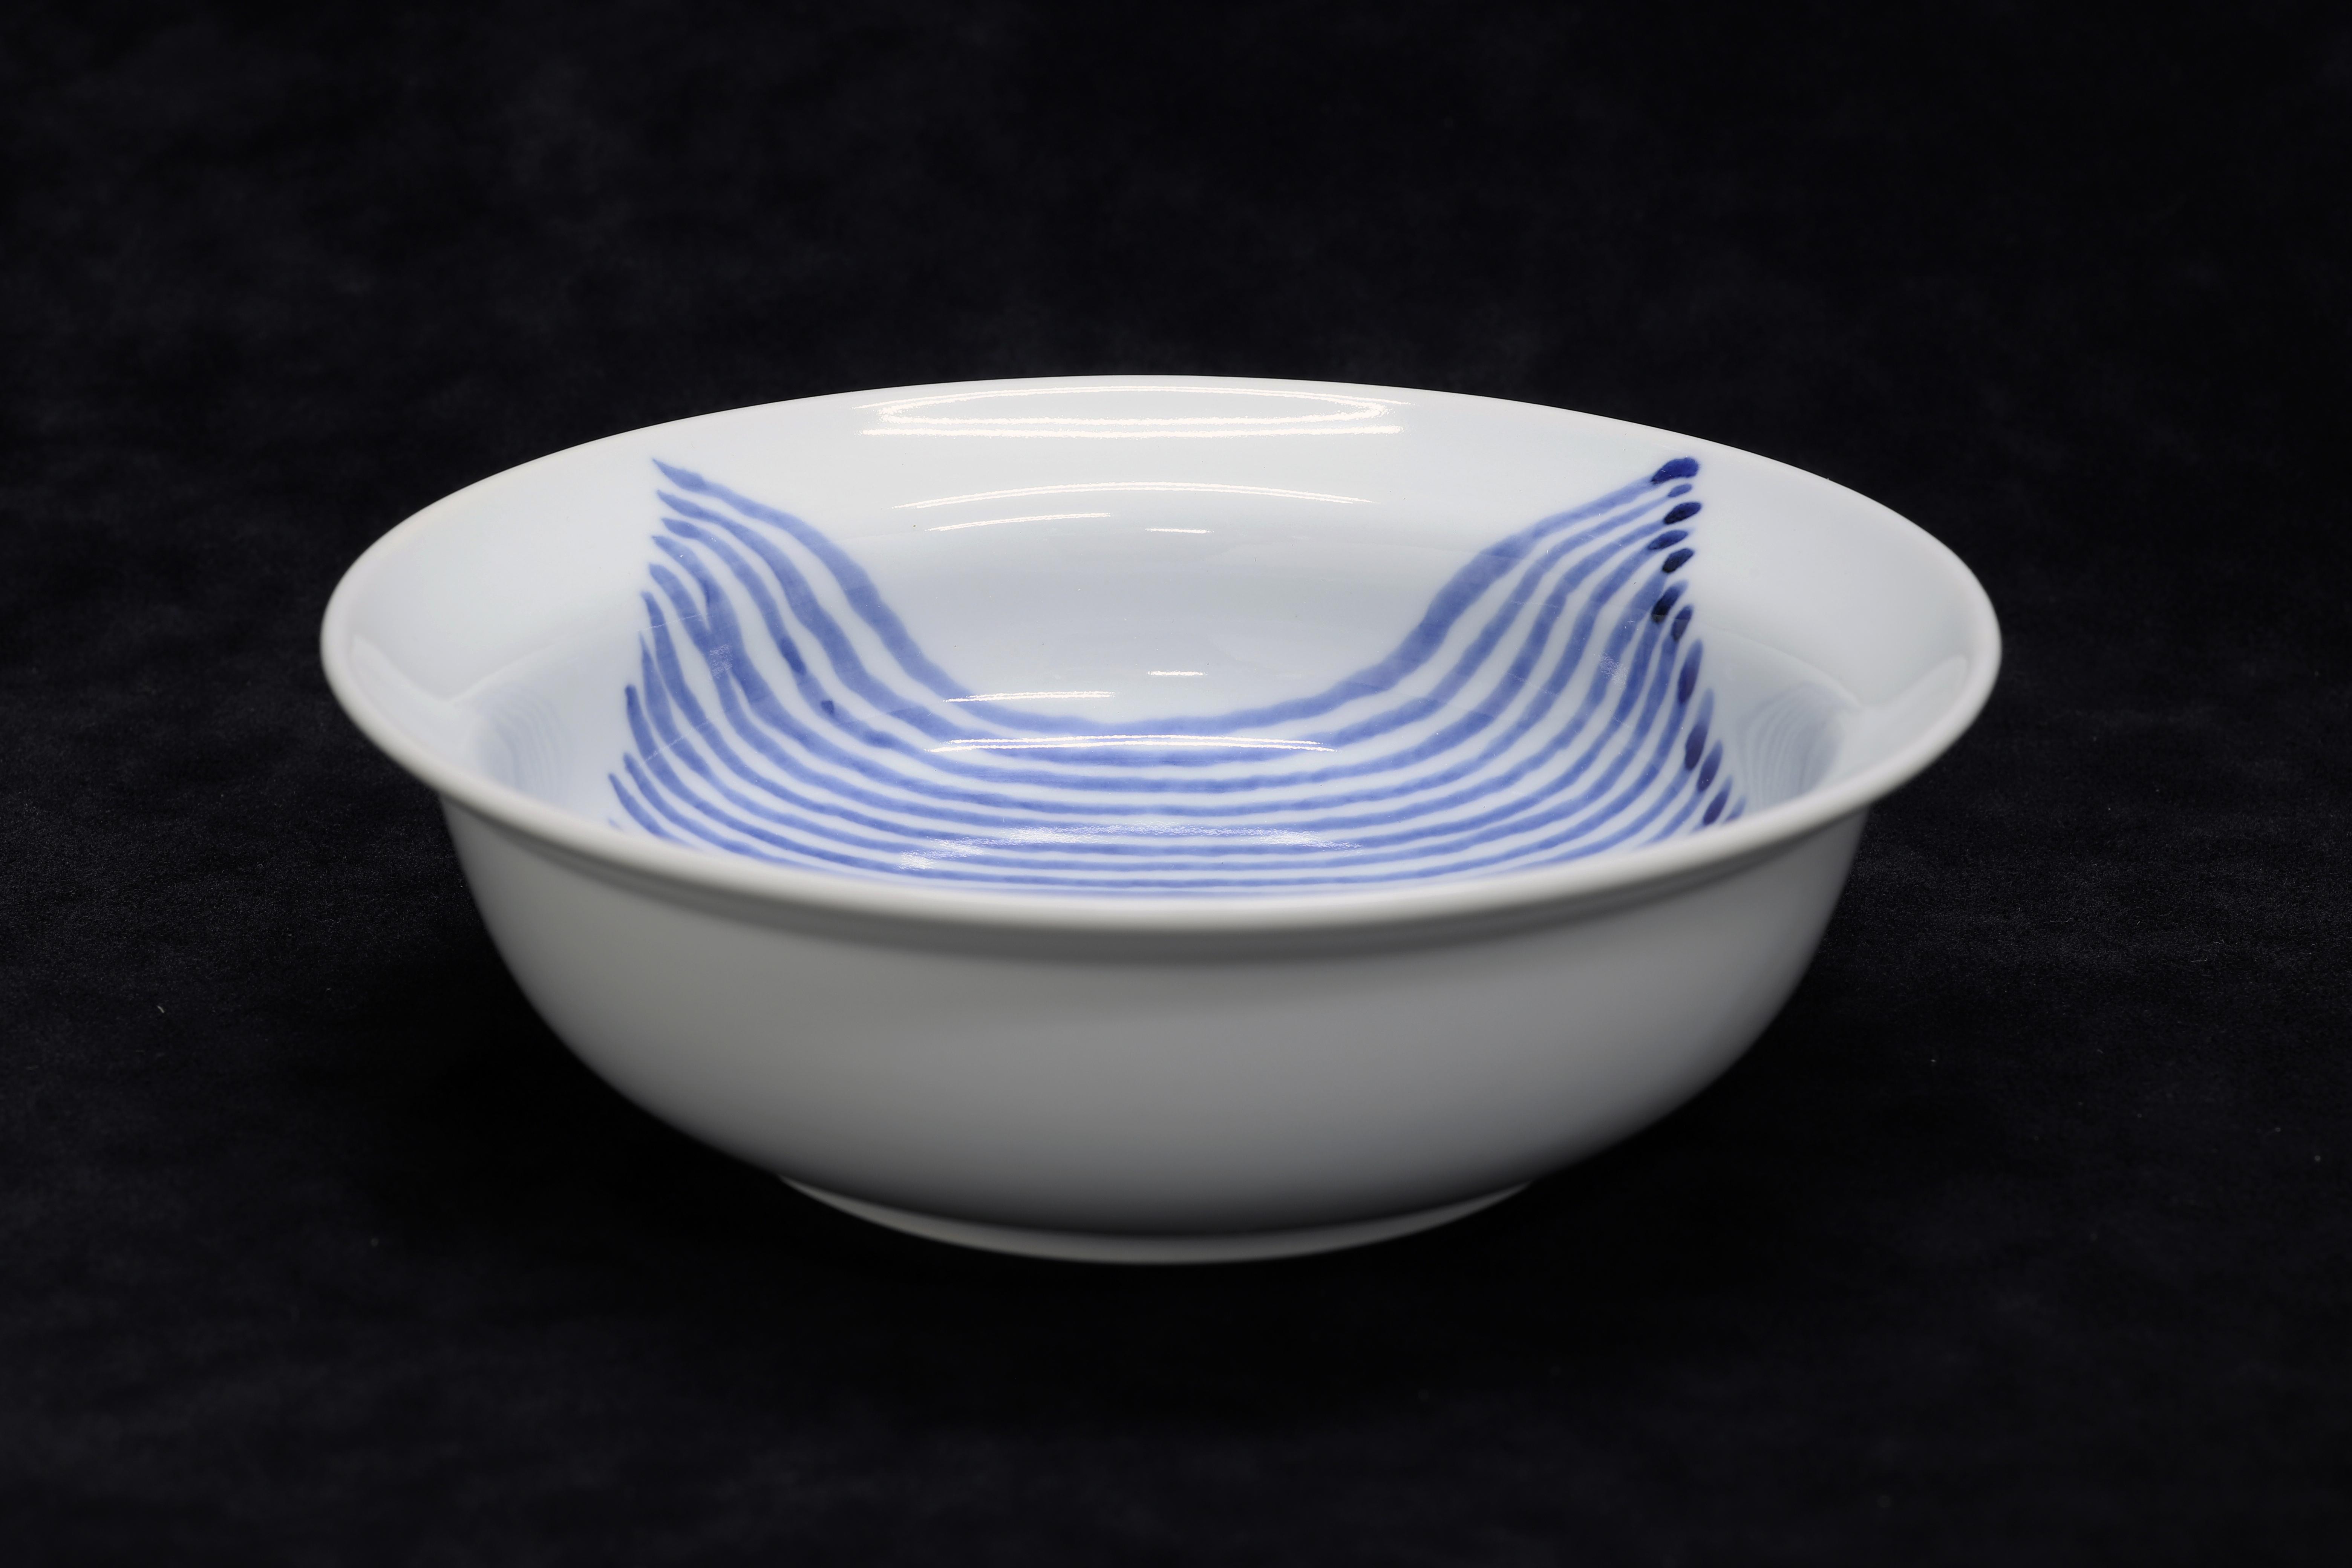 麻布手 スープ碗 作:井手國博・与志郎窯(有田焼)